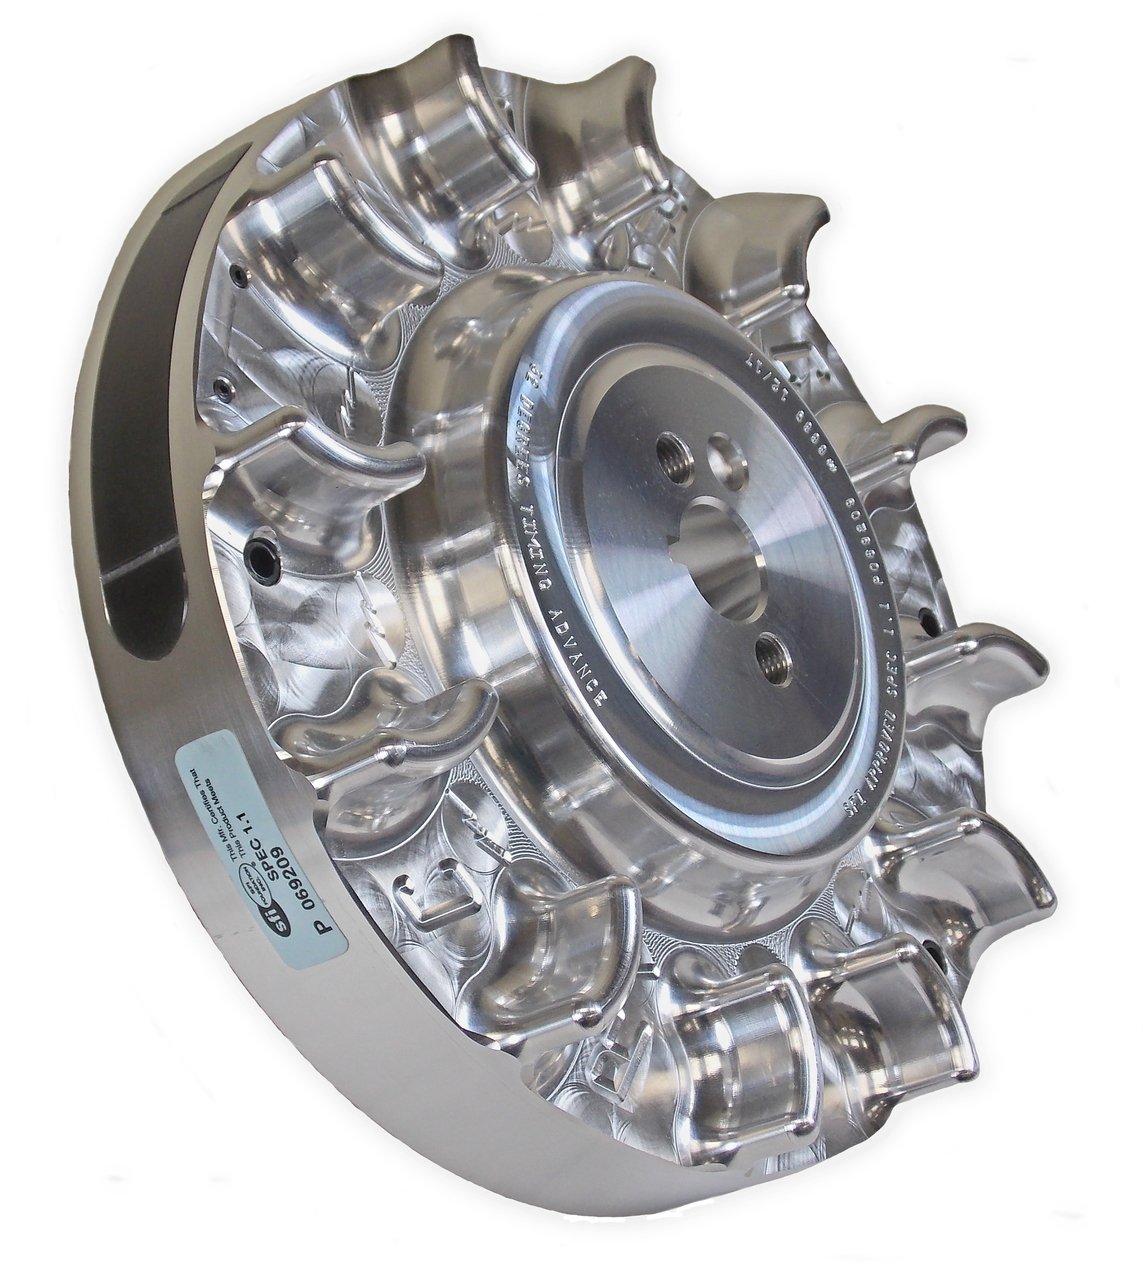 ARC Speedway Billet Flywheel Predator 212cc Non-Hemi